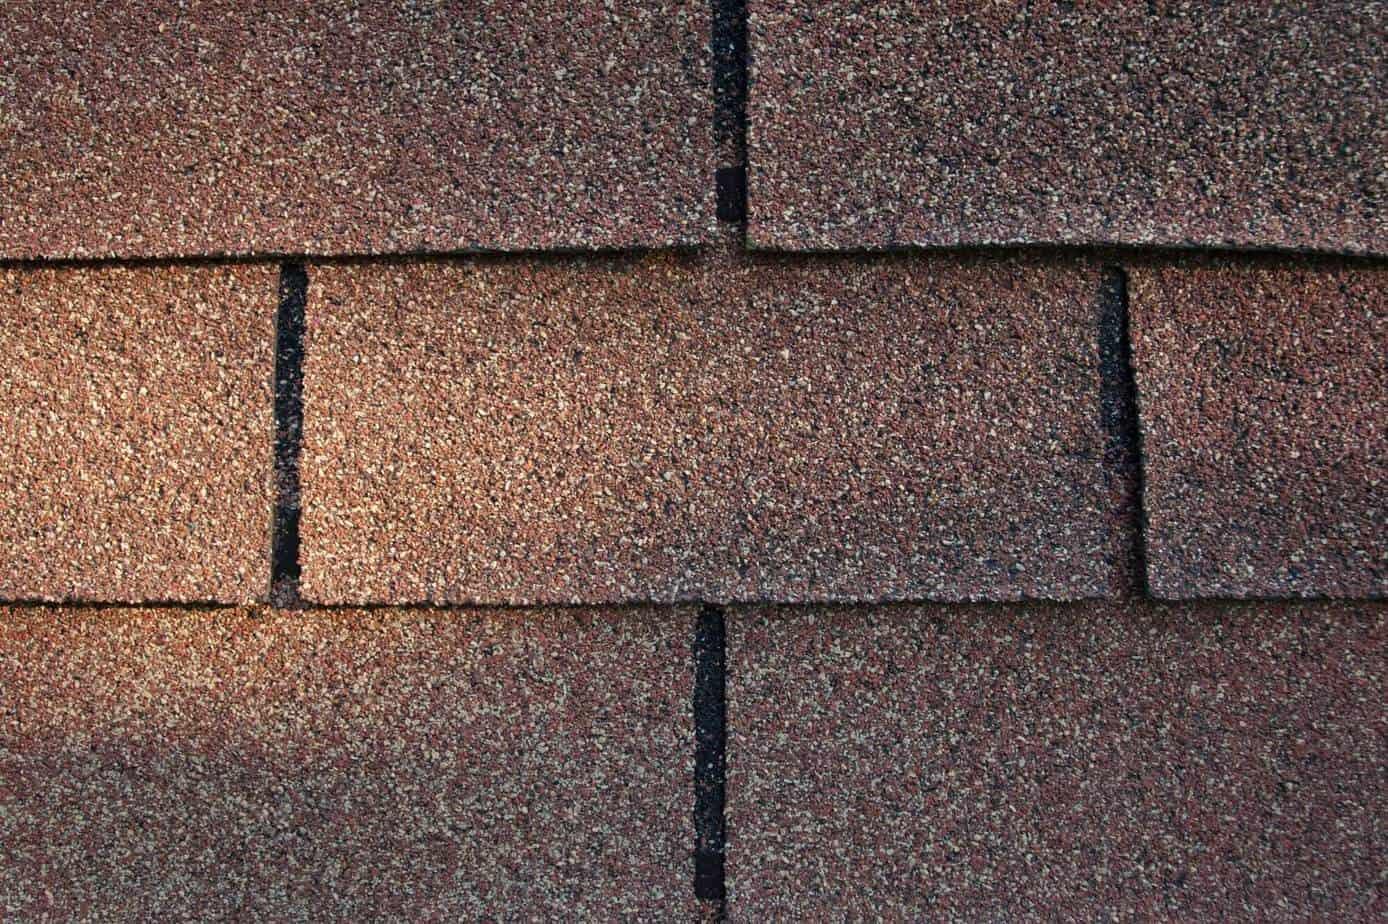 What Does Roof Hail Damage Look Like? - Asphalt Shingle Hail Damage - Granule Loss